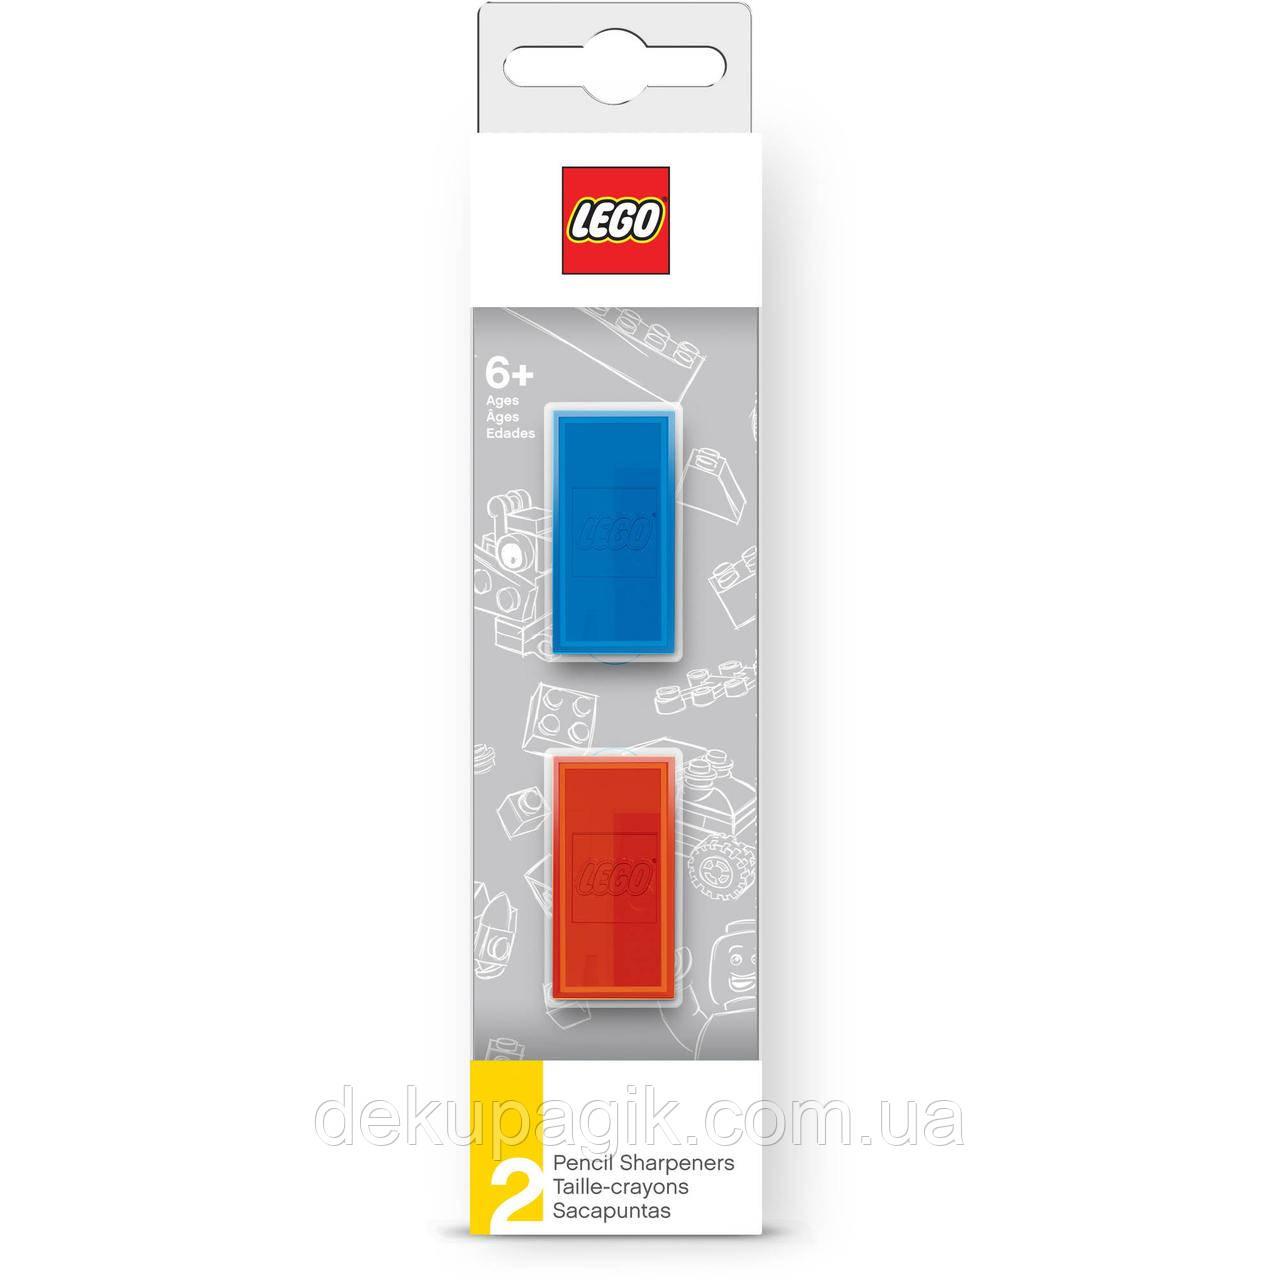 Lego Набор точилок для карандашей из 2-х штук 5005112